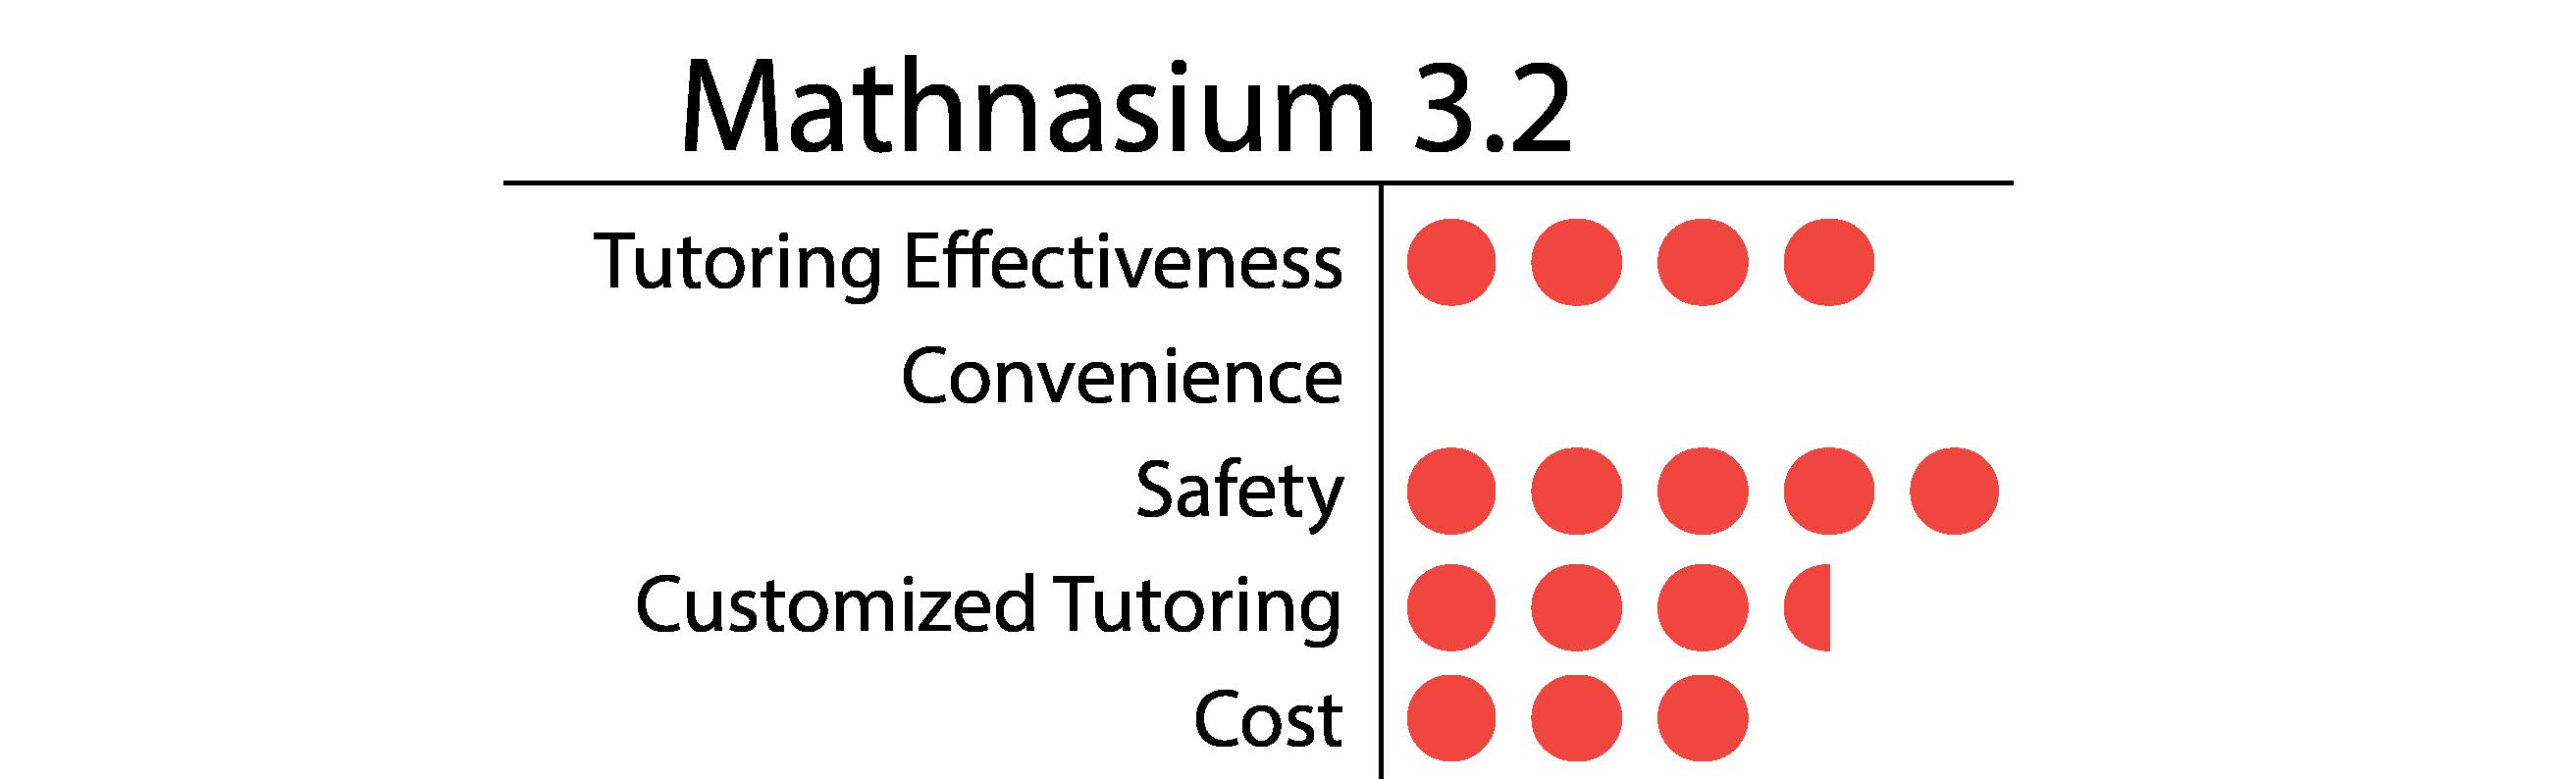 Mathnasium-01